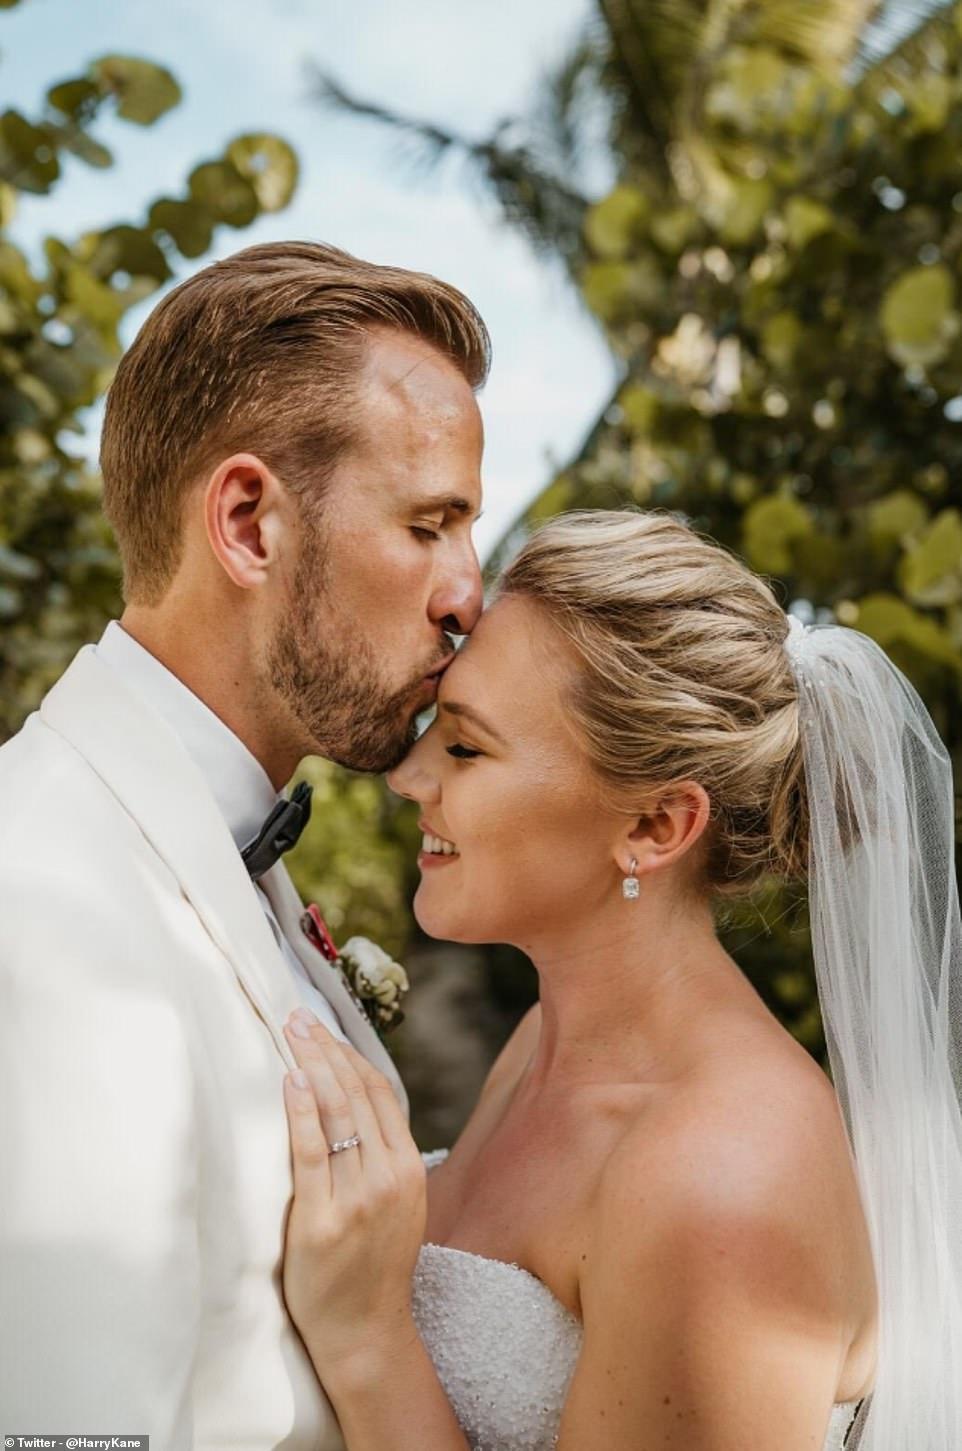 Harry Kane đám cưới - Ảnh - Bóng Đá